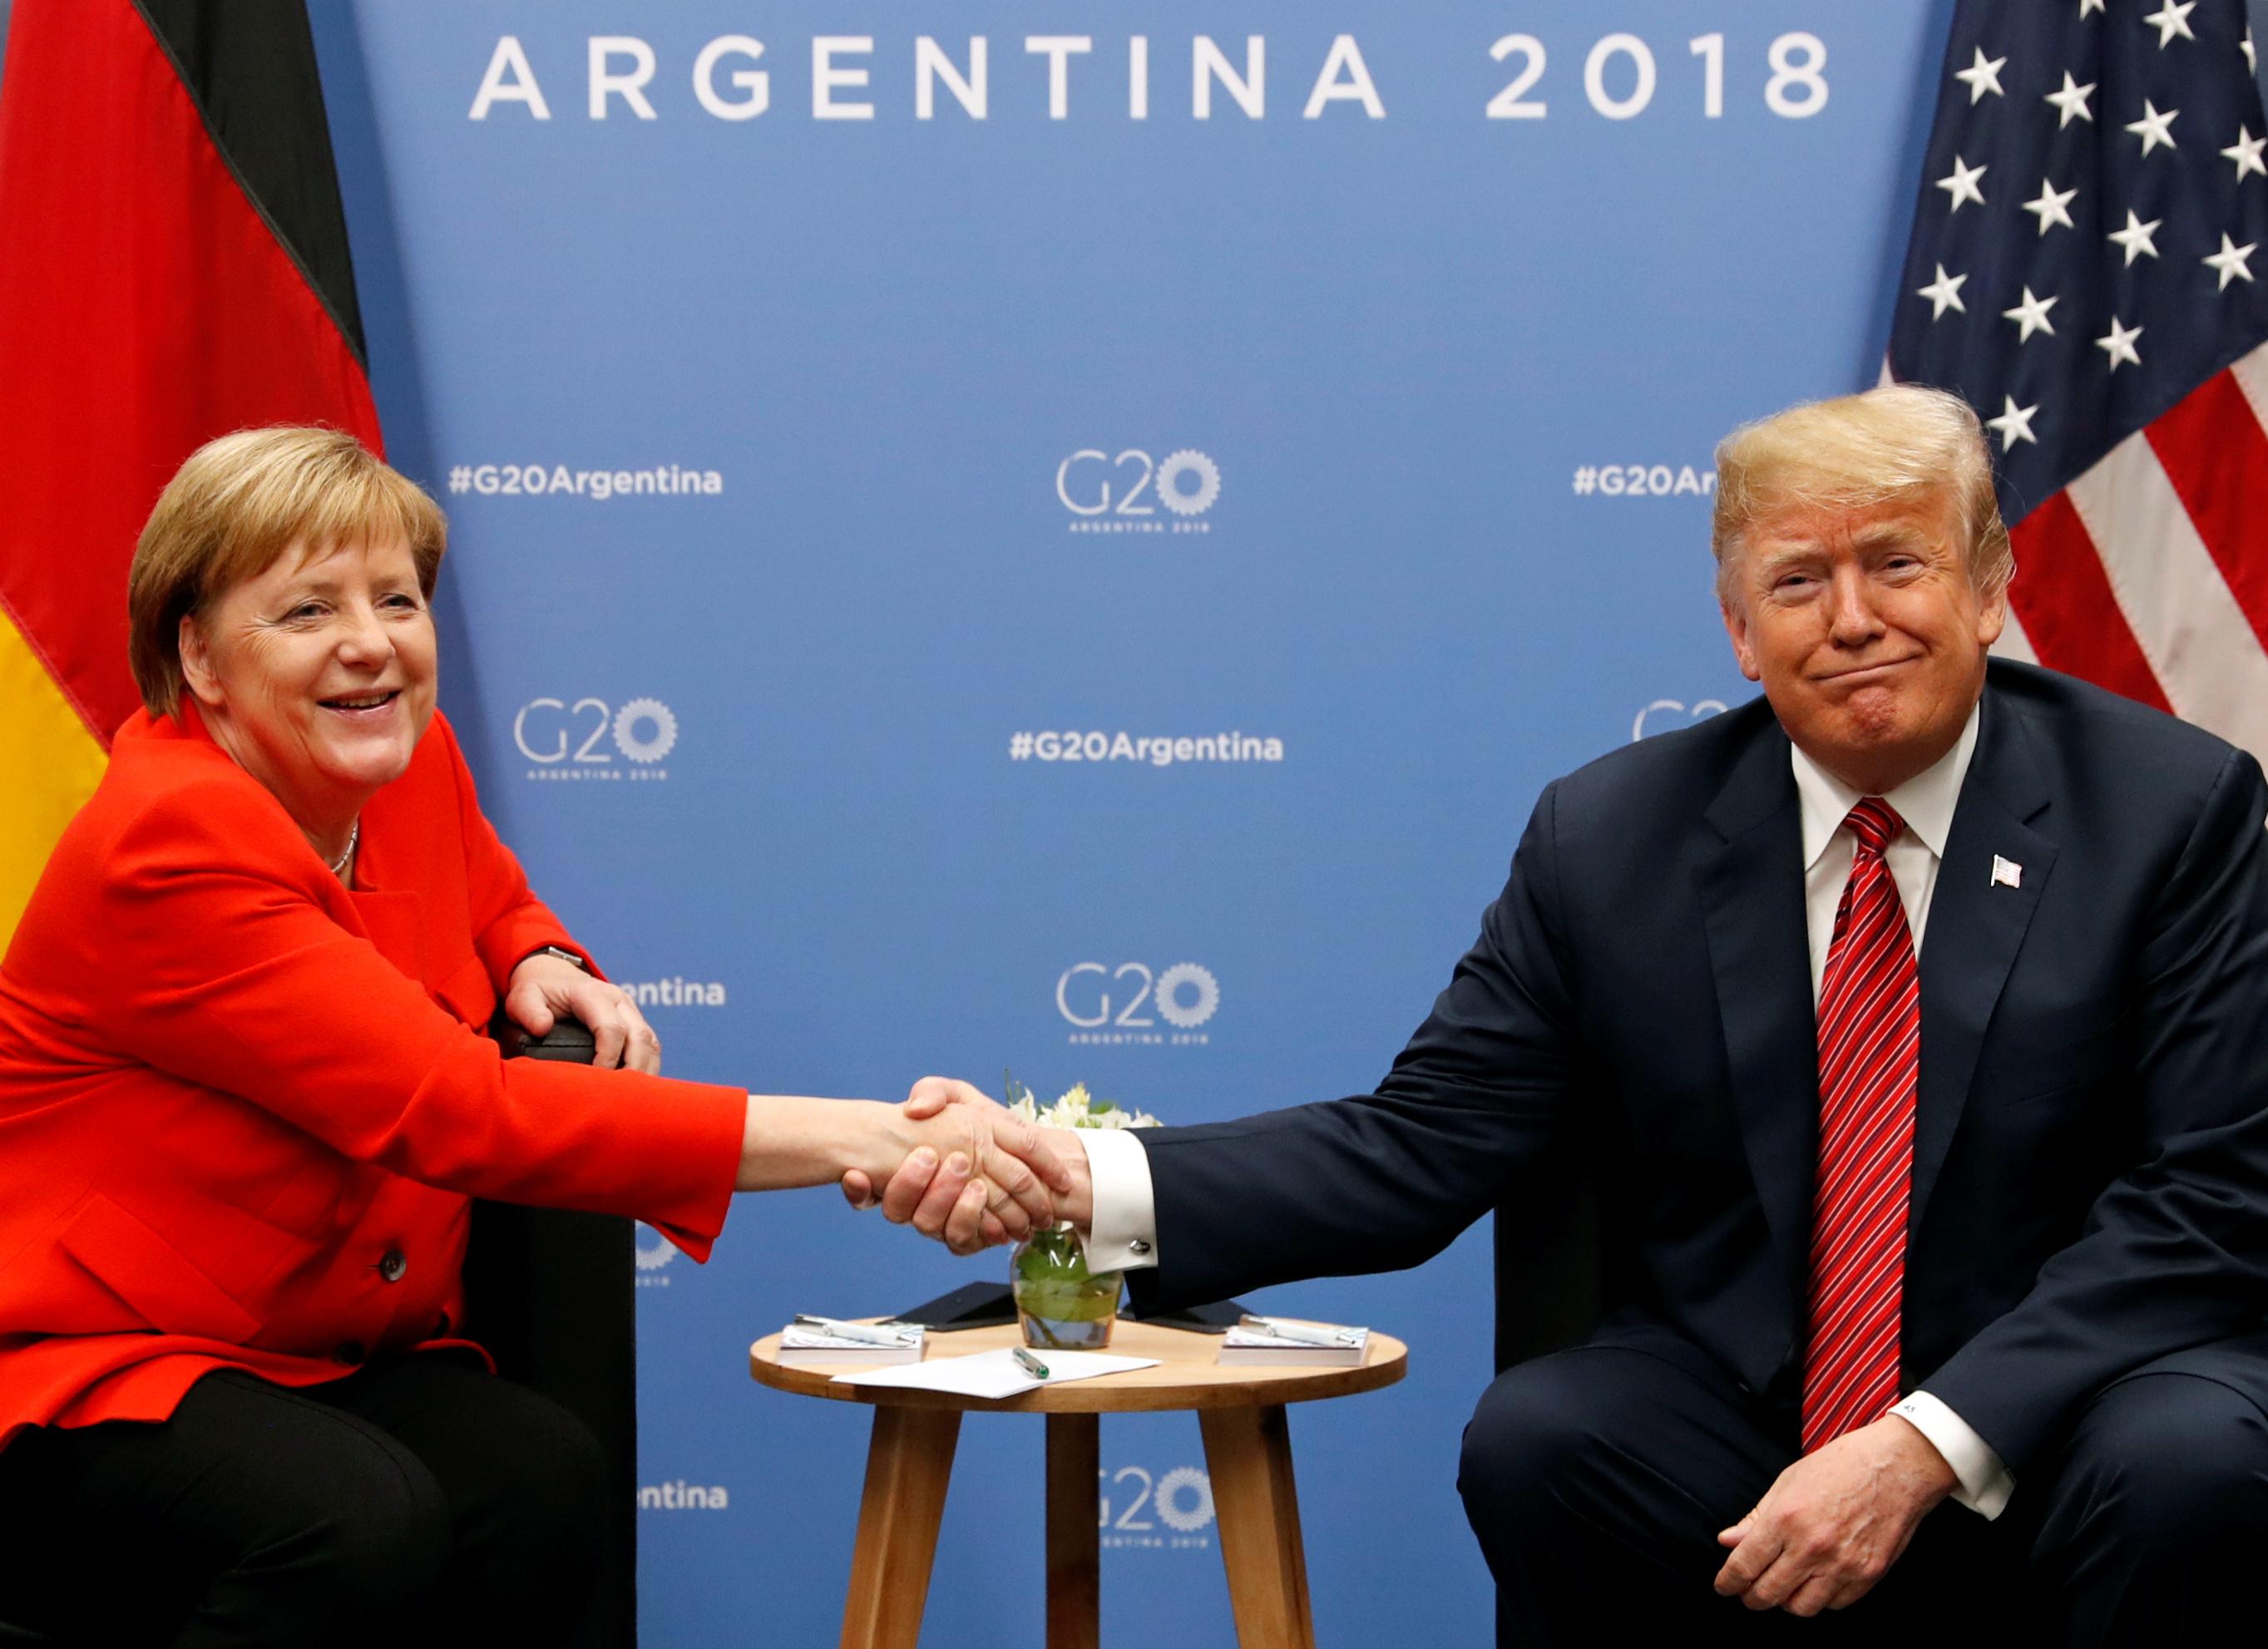 Когда канцлер Германии всё же согласилась пожать твою руку